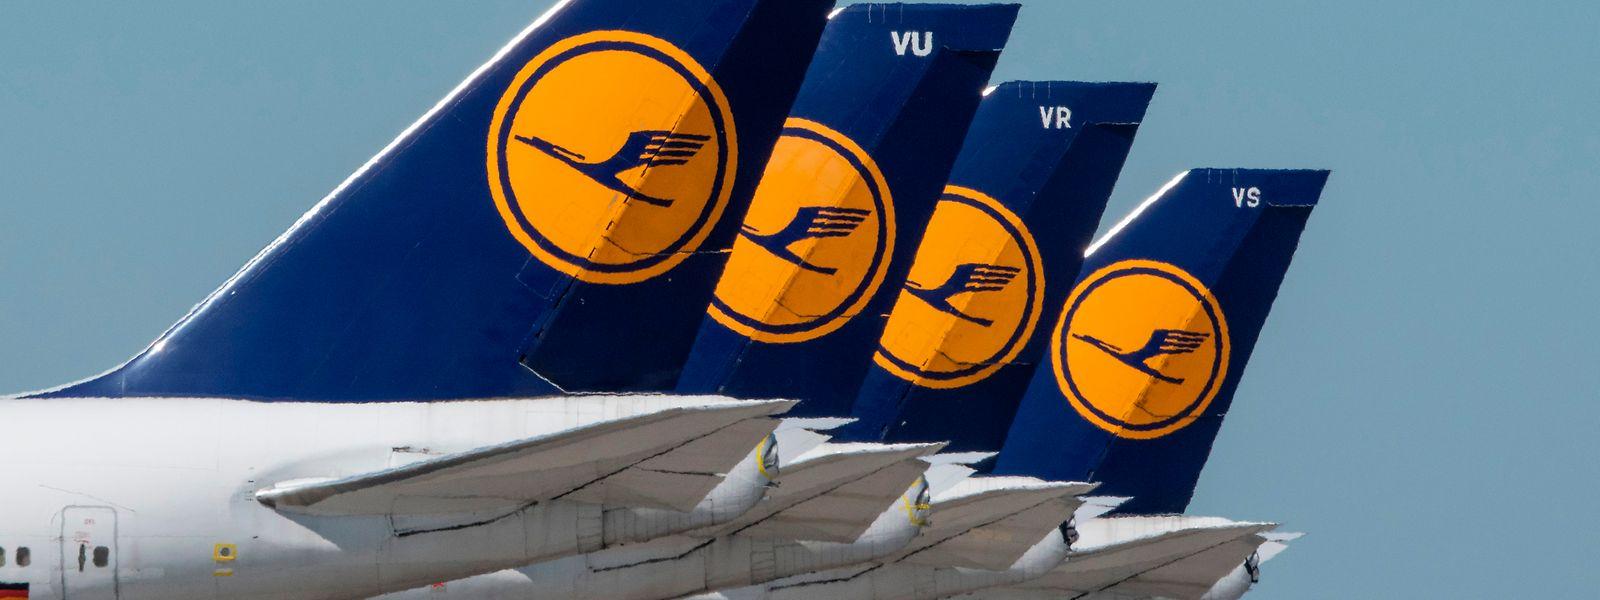 Während der Corona-Krise hatte die Lufthansa Staatshilfen in Höhe von 4 Milliarden Euro in Anspruch genommen.